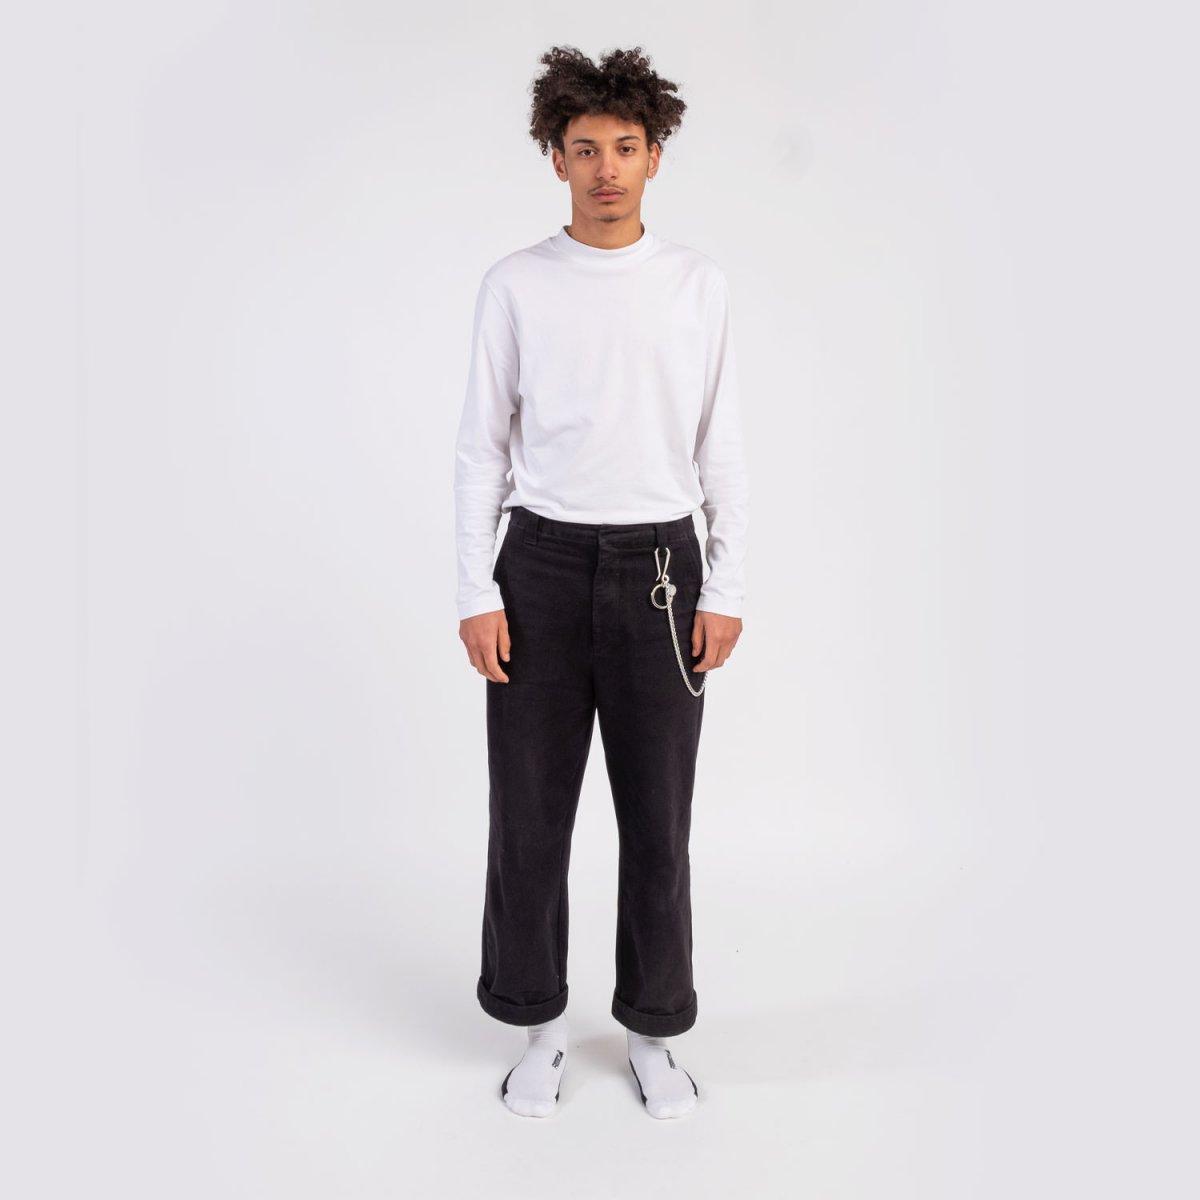 catena-pantalone-uomo-argentoa-fabbrica